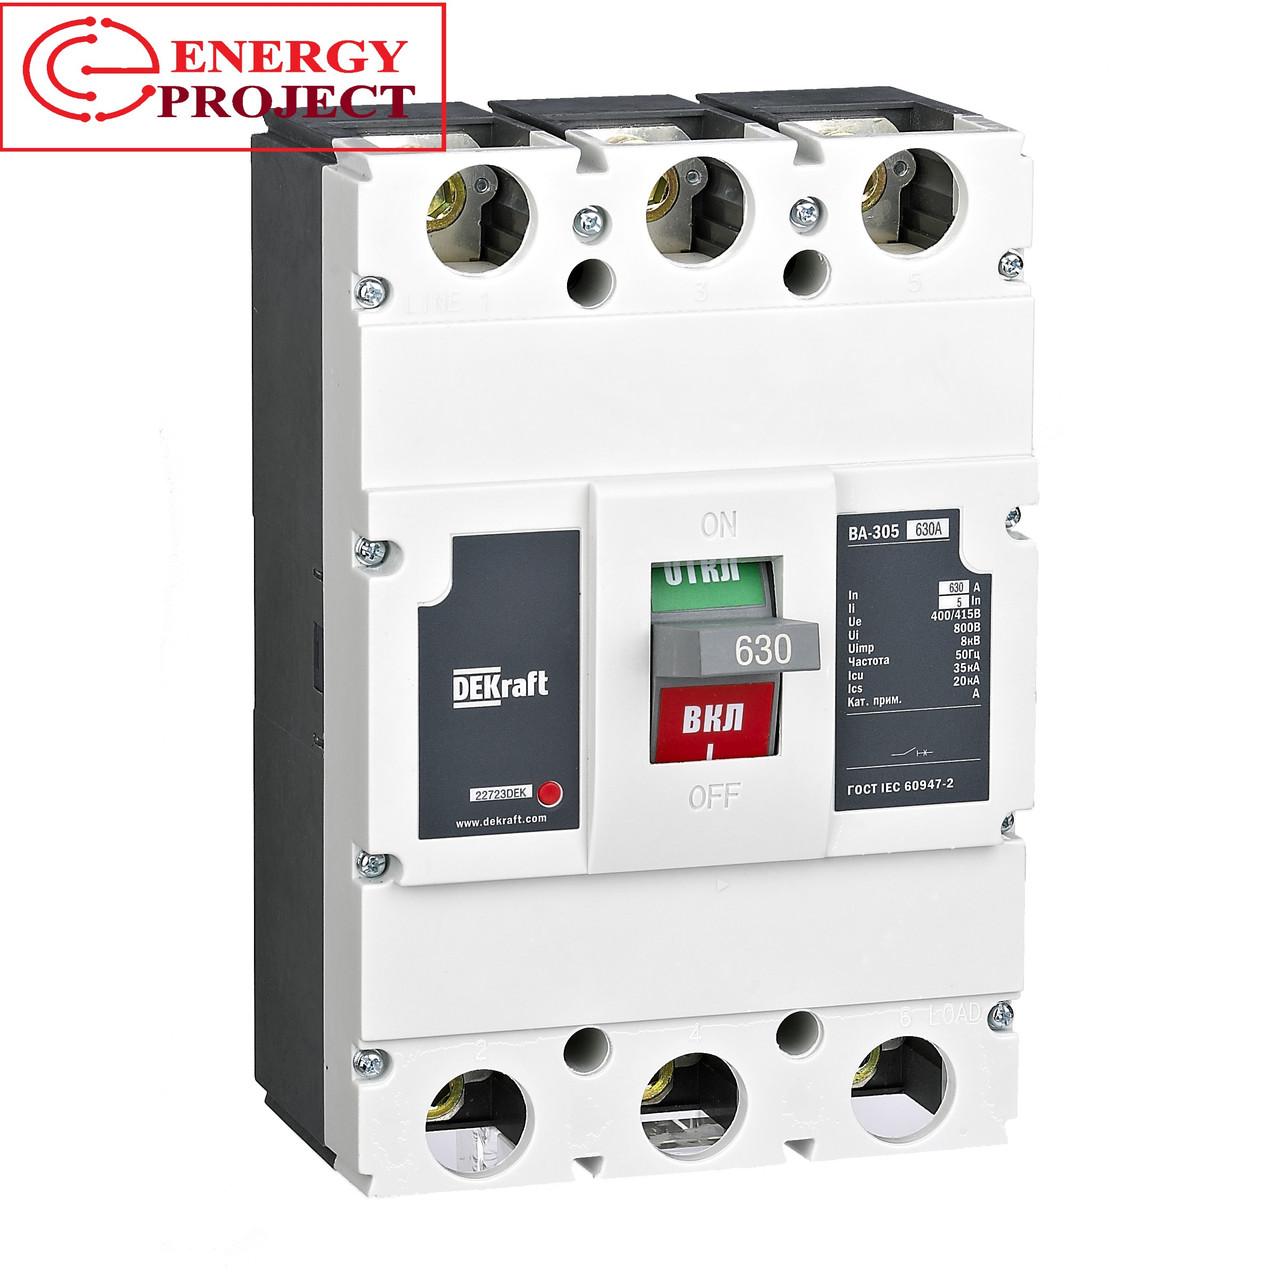 Автоматический выключатель ВА 303 3П 160А Dekfaft